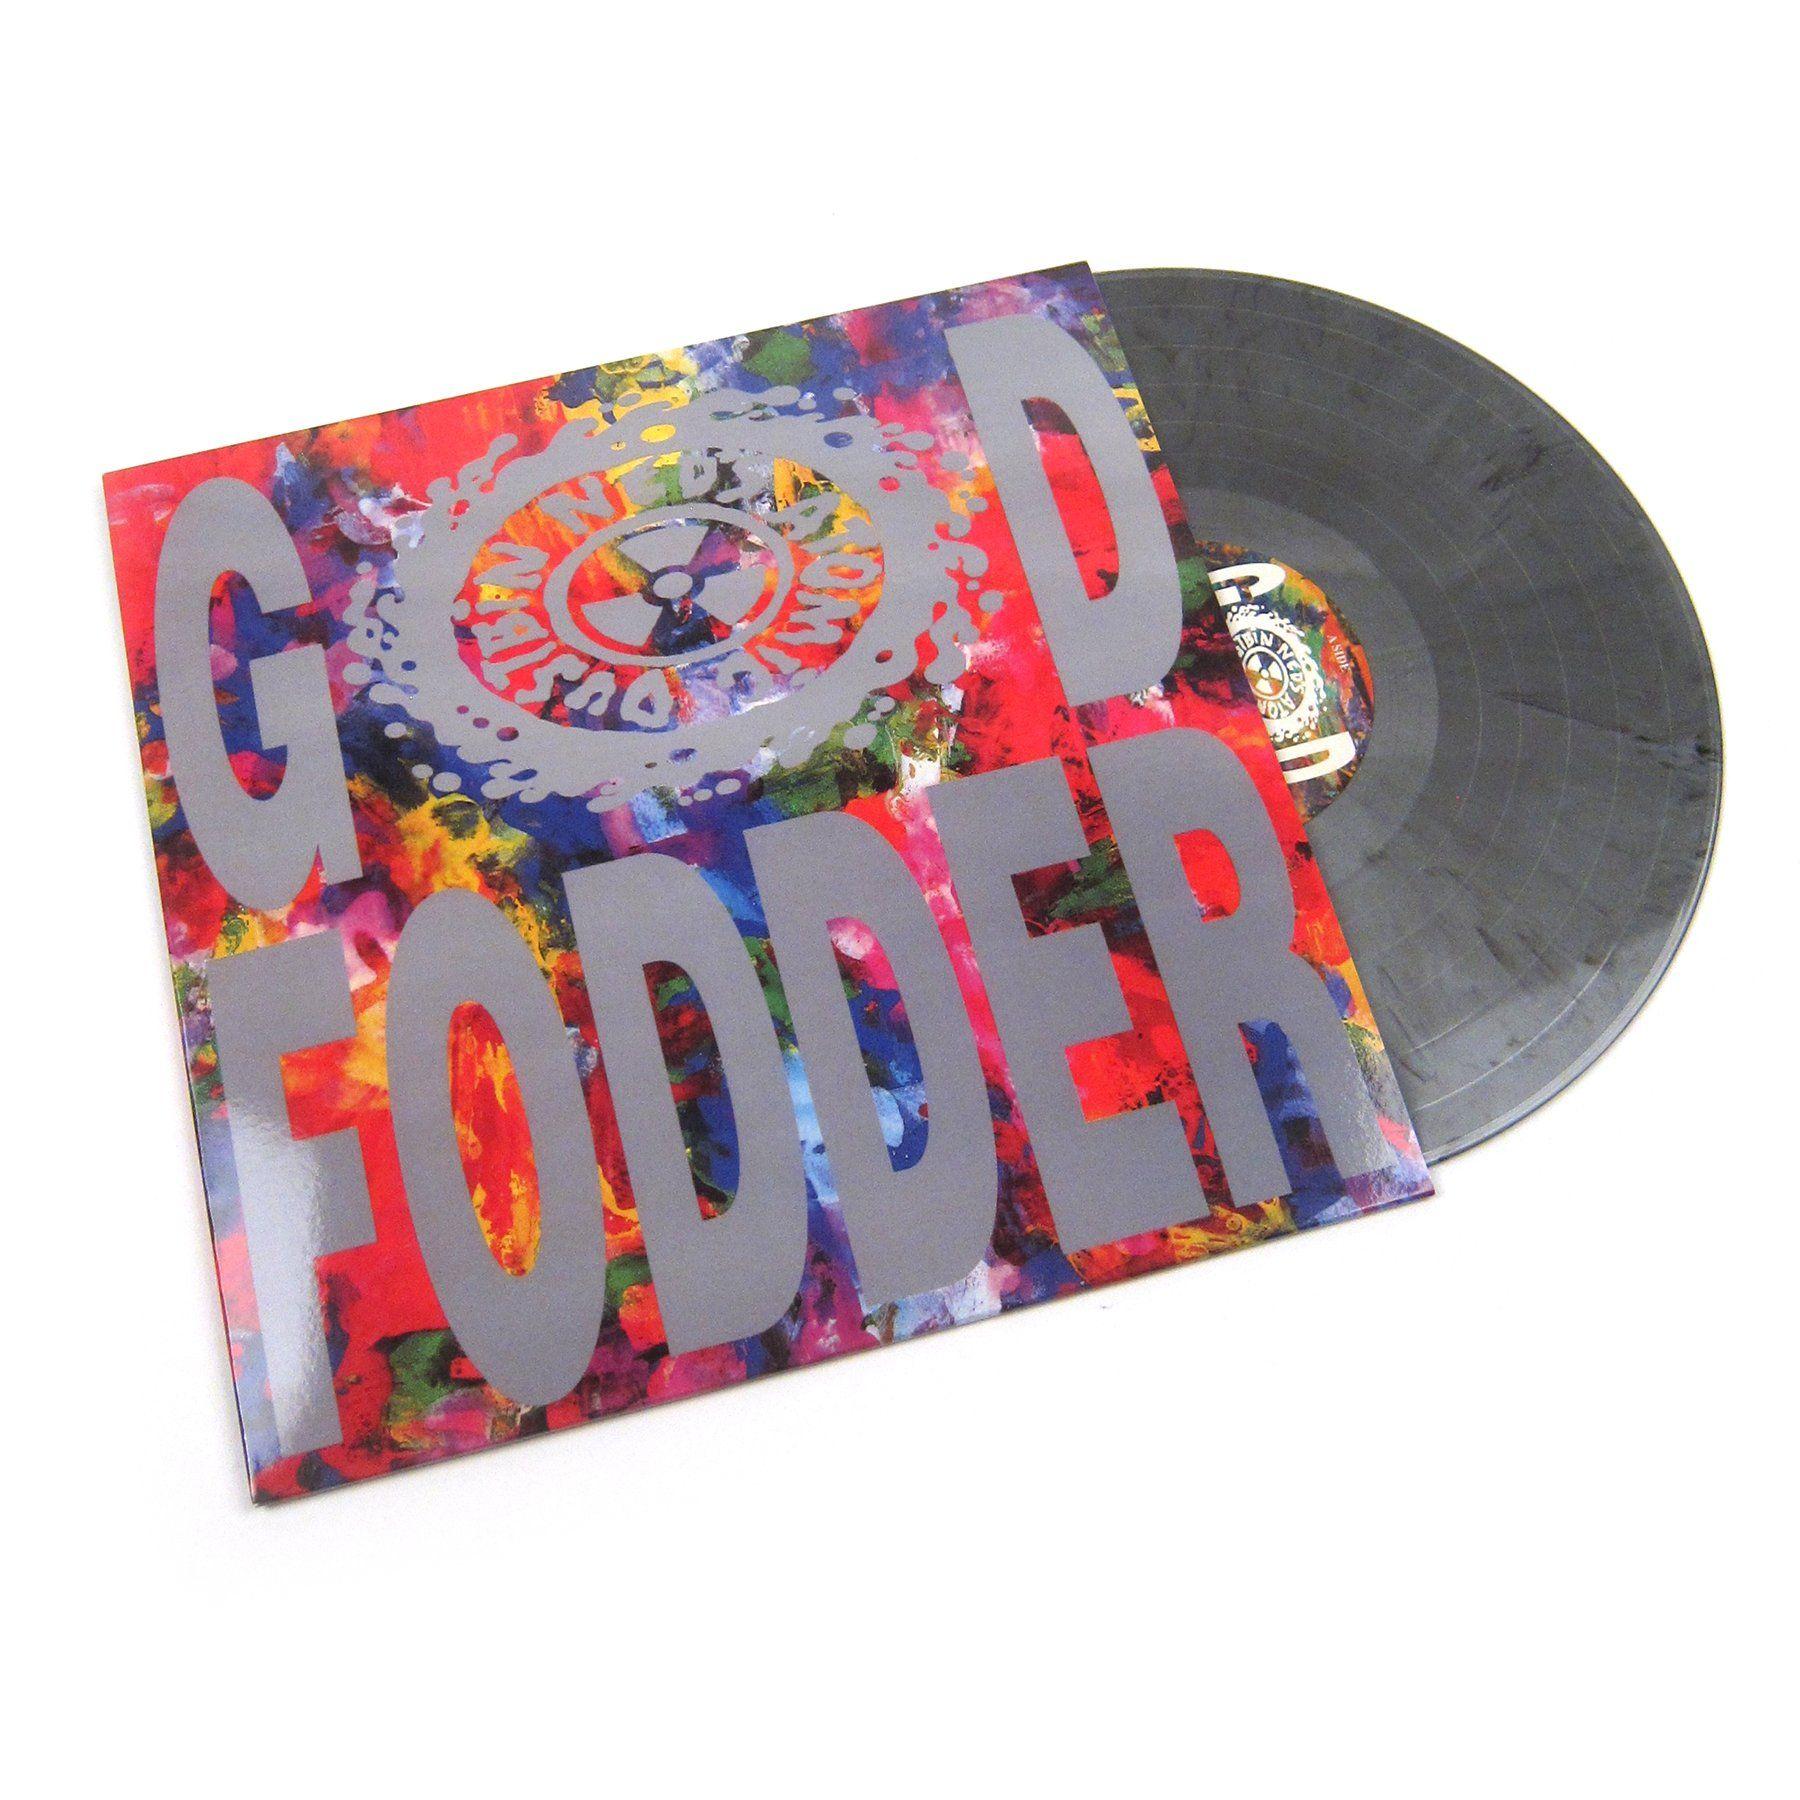 Ned S Atomic Dustbin God Fodder Music On Vinyl 180g Colored Vinyl Vinyl Lp Vinyl Music Vinyl Better Music